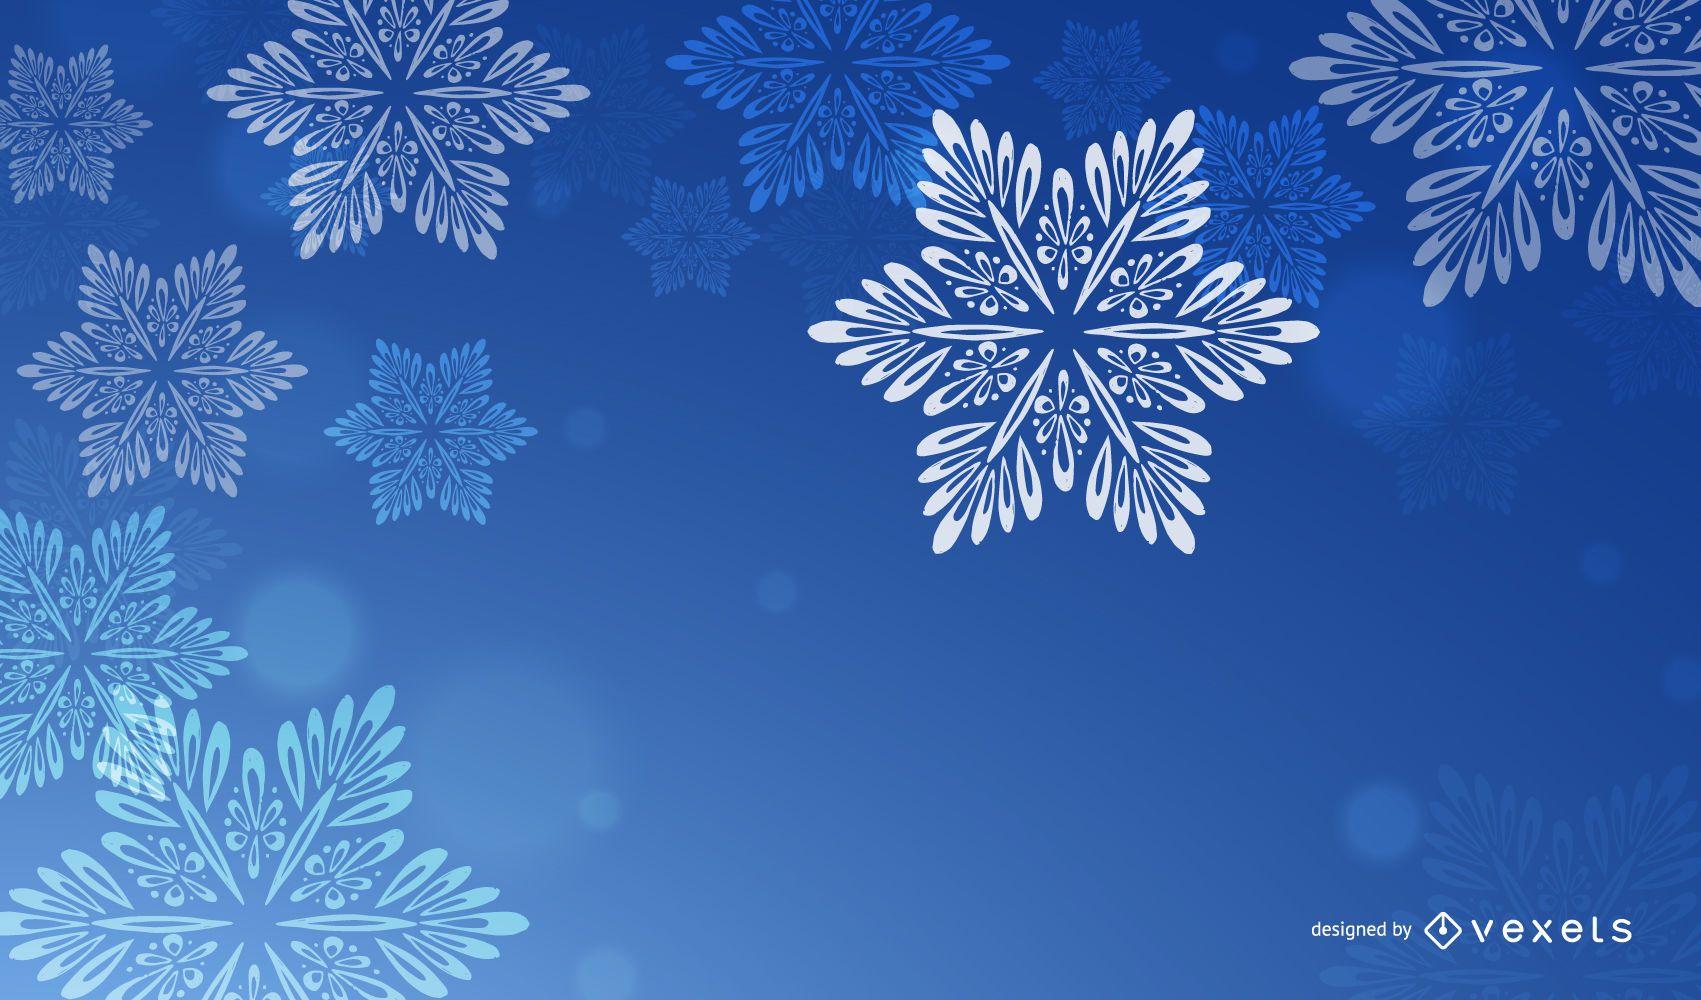 Silver White Snowflakes Background Stock Illustration ... |White Snowflake Wallpaper